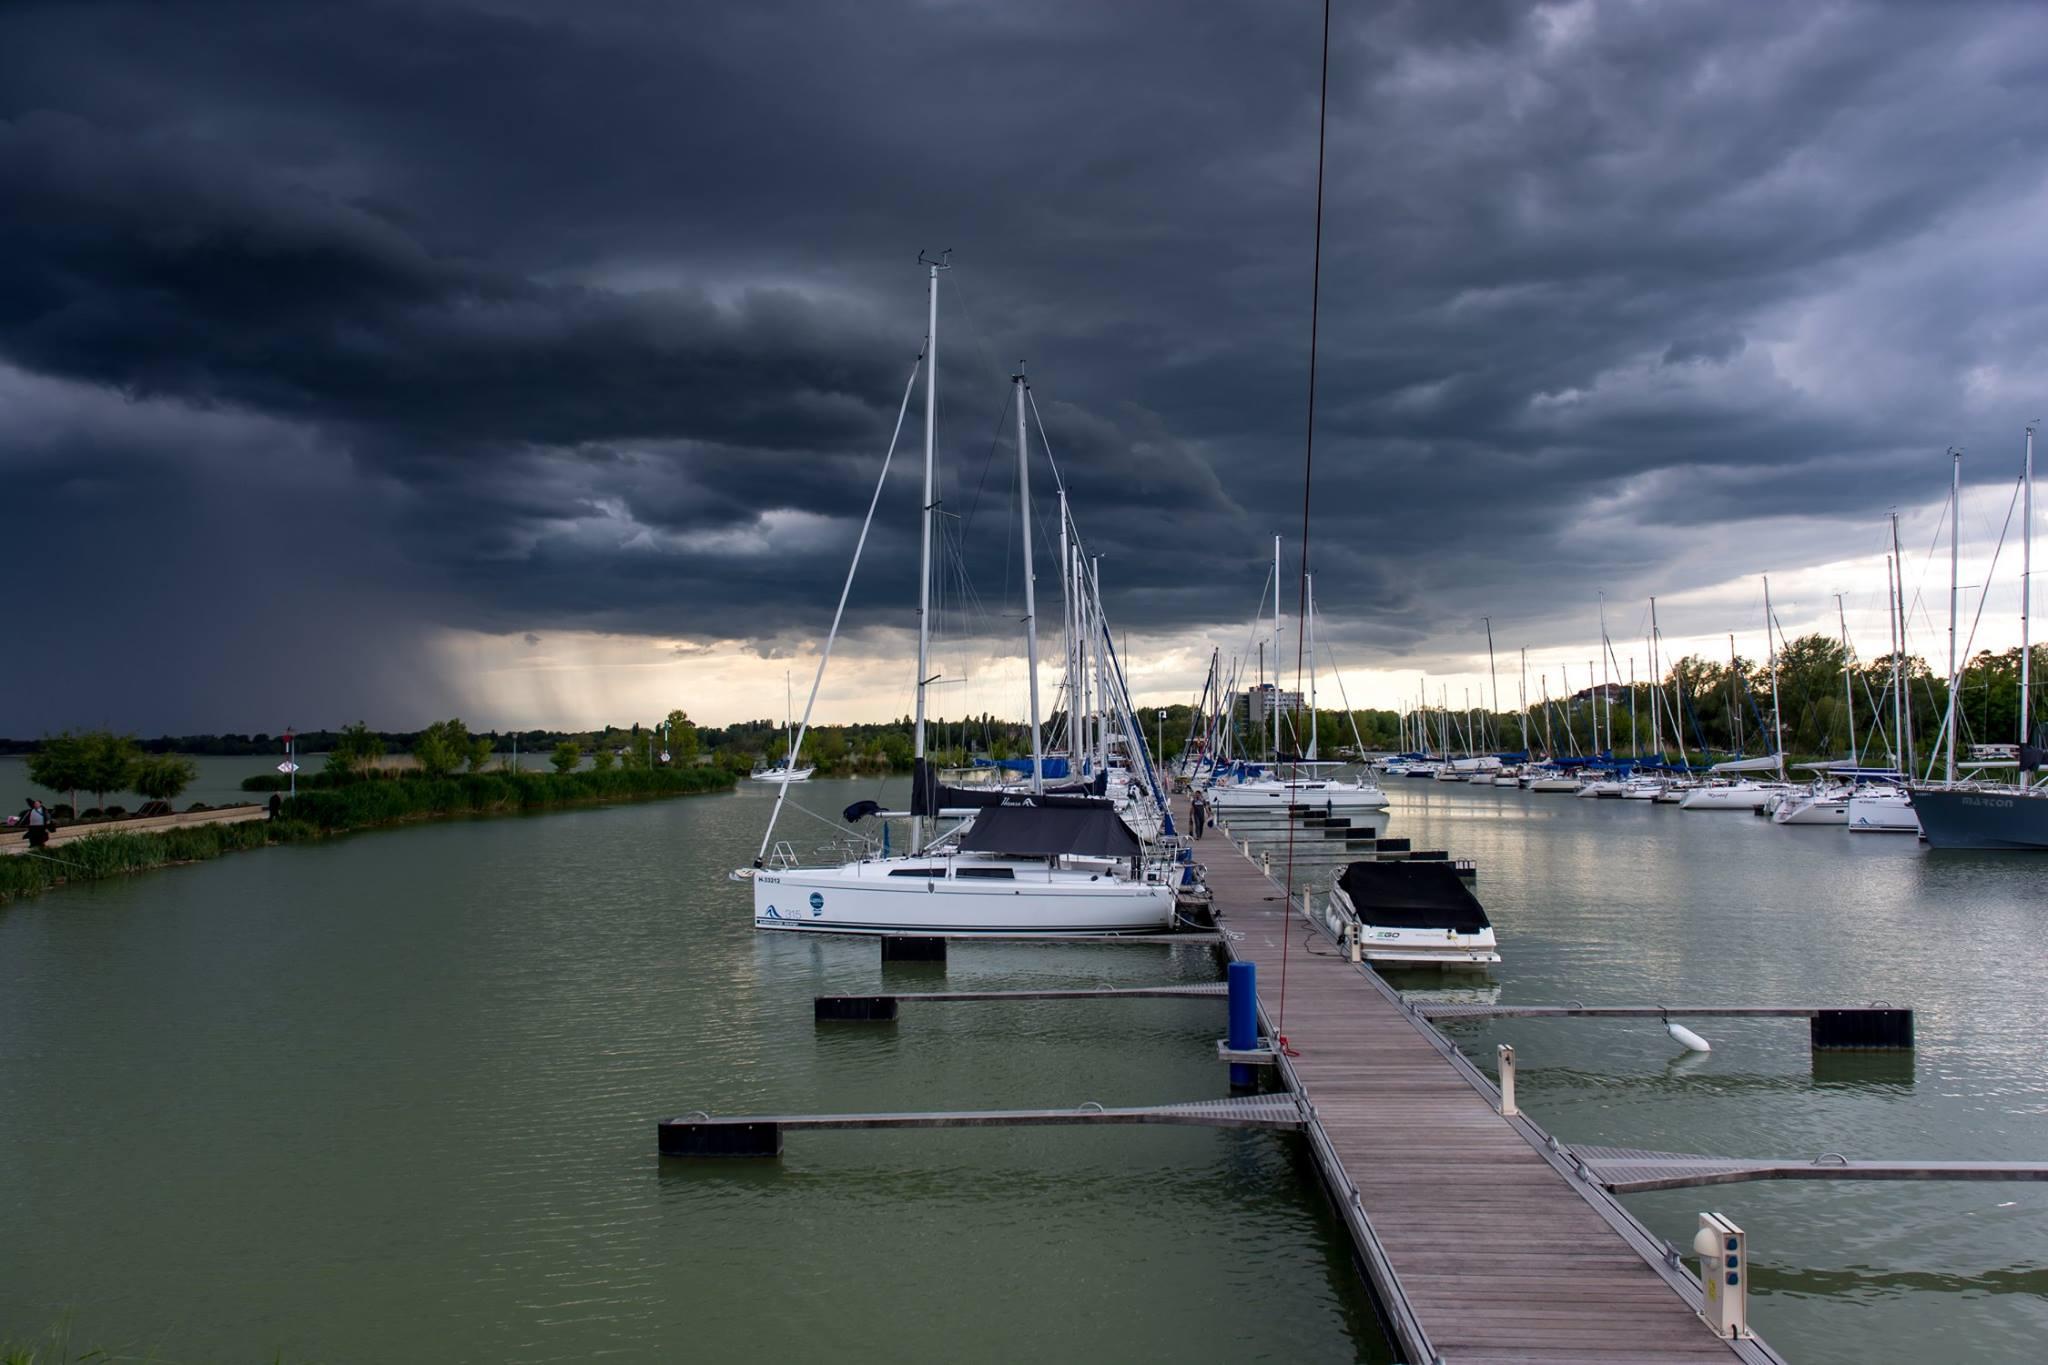 keszthelyi kikötő vihar előtt